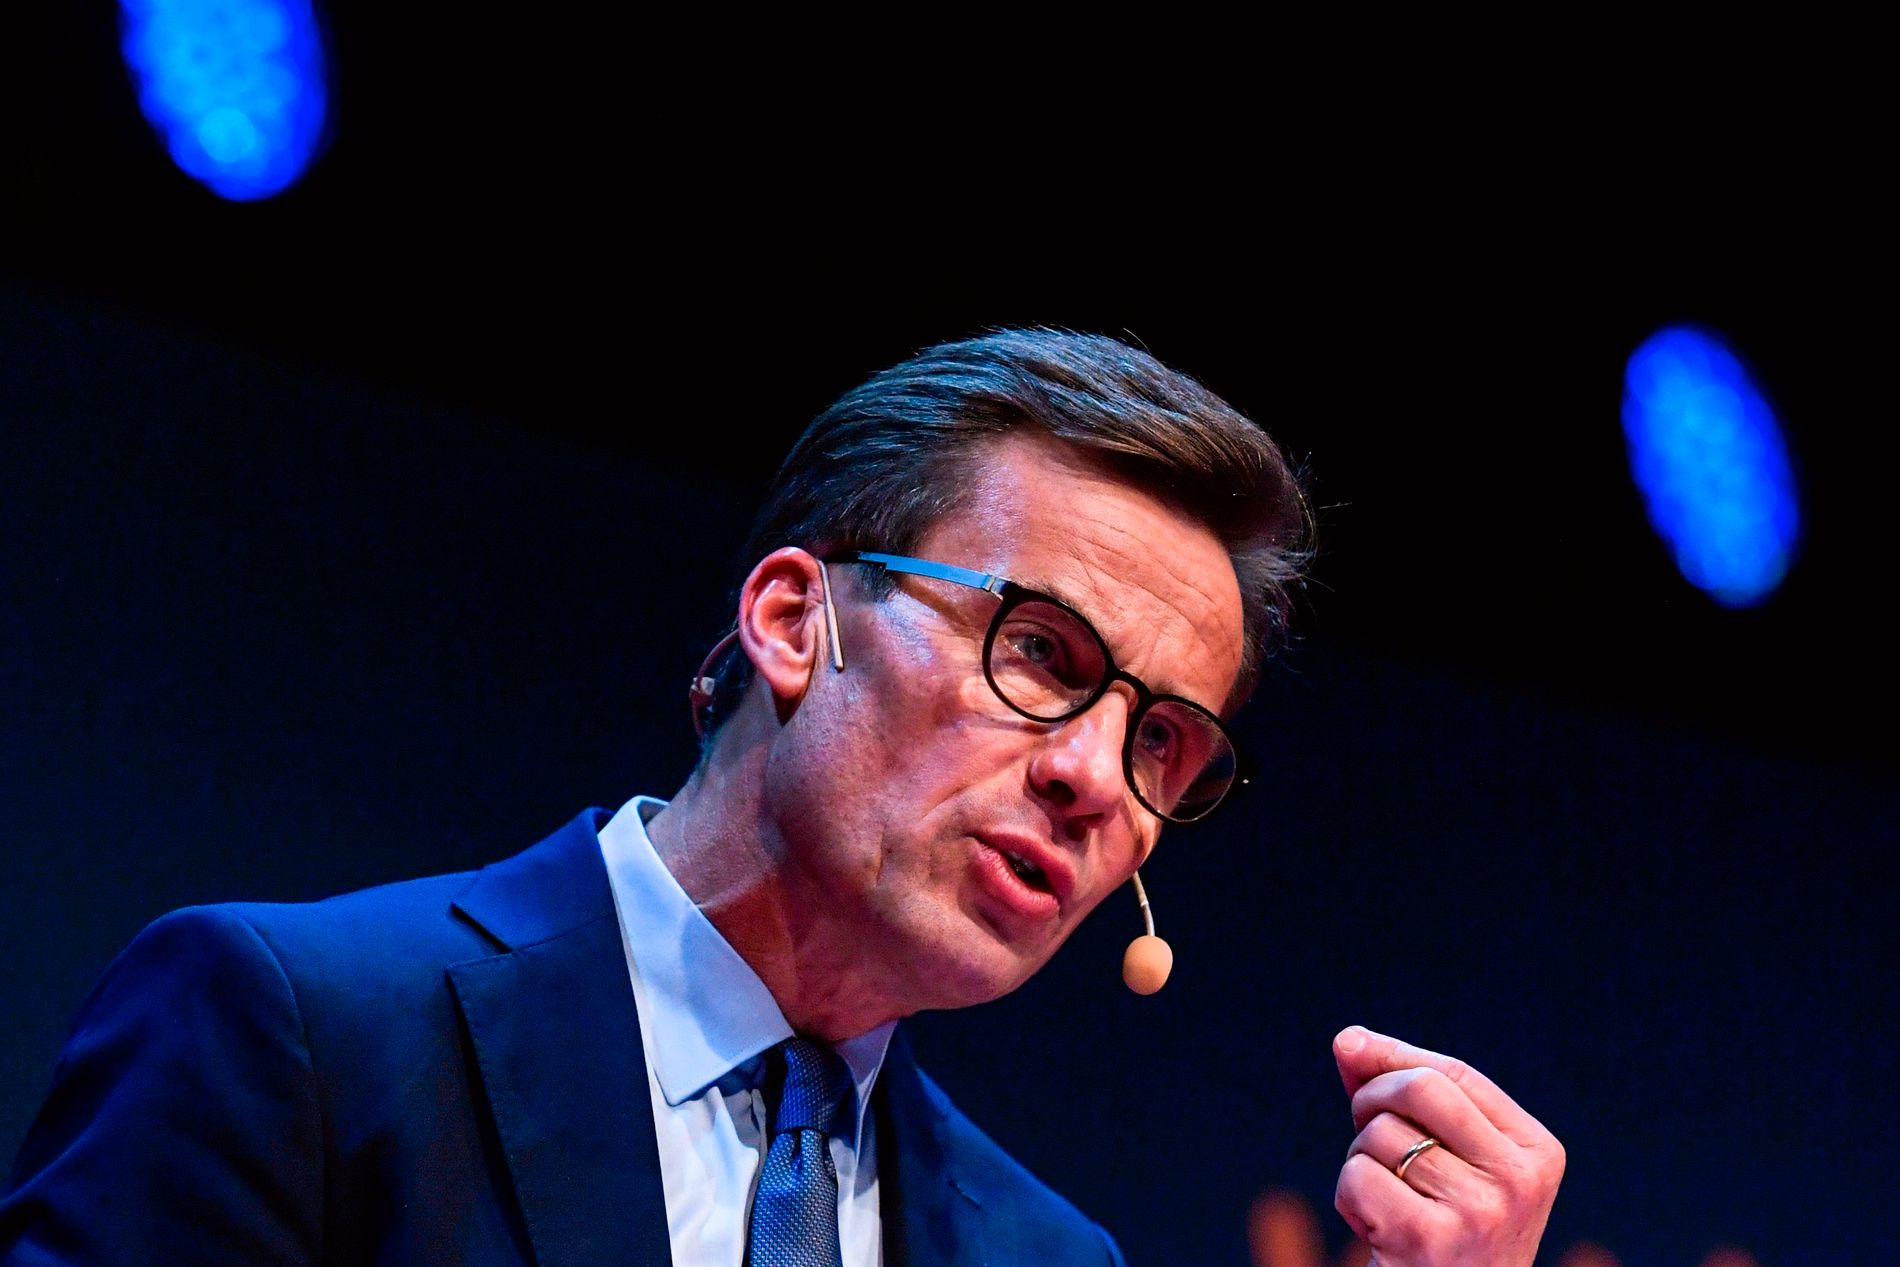 SIER NEI: Moderaternas leder Ulf Kristersson vil ikke ha ny regjering ledet av Socialdemokraterina. Han sier også nei til samarbeid med Sverigedemokraterna.